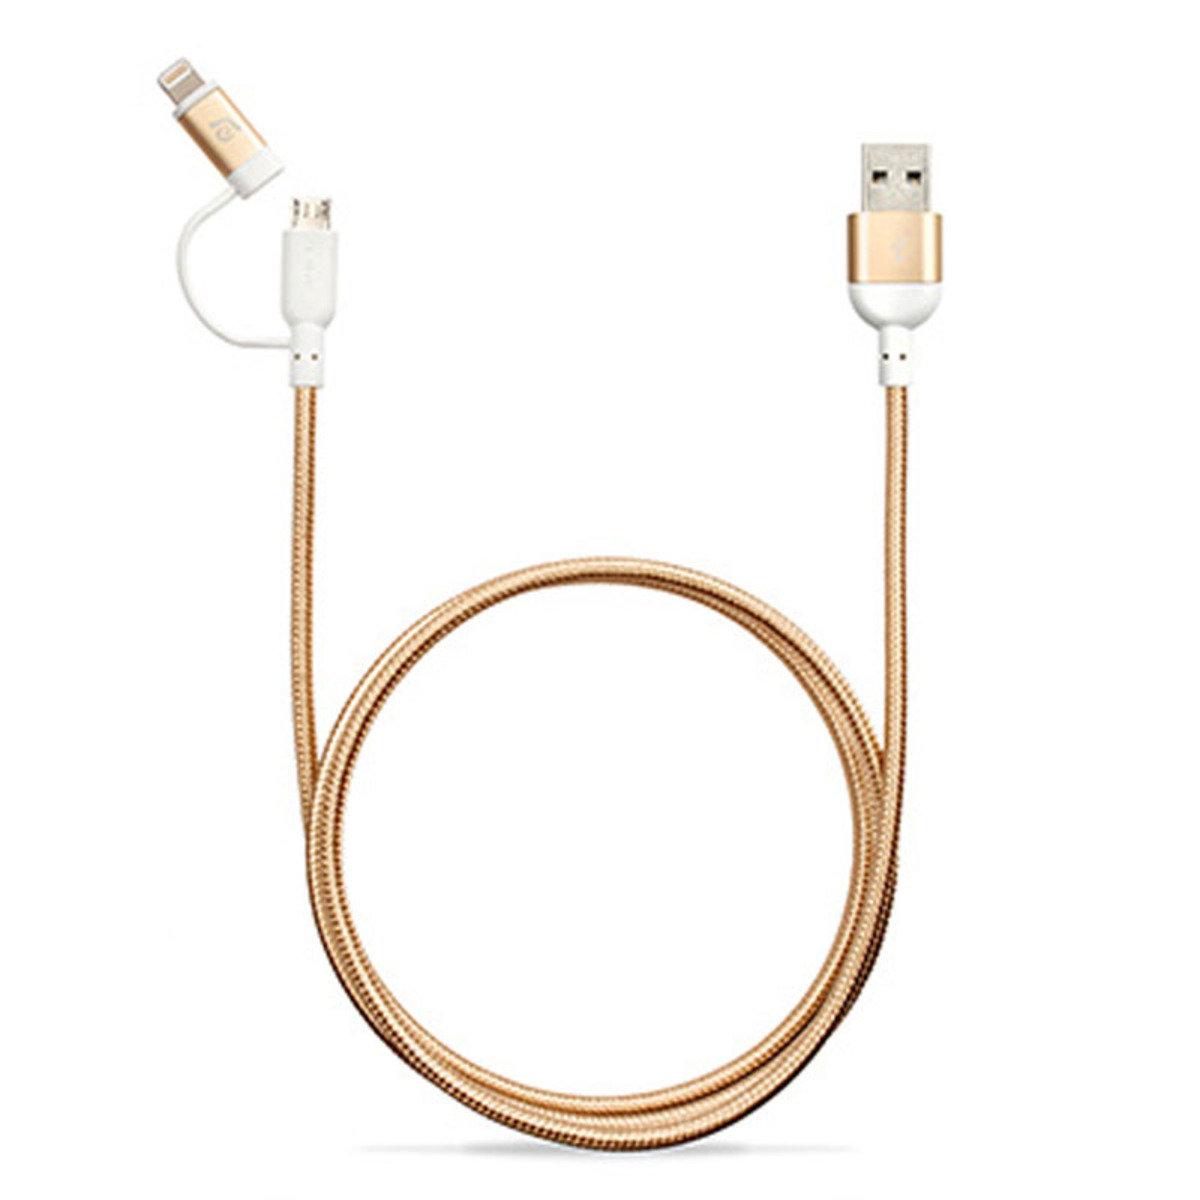 1.2米 Lightning/MicroUSB 正反雙面USB同步充電線 金色